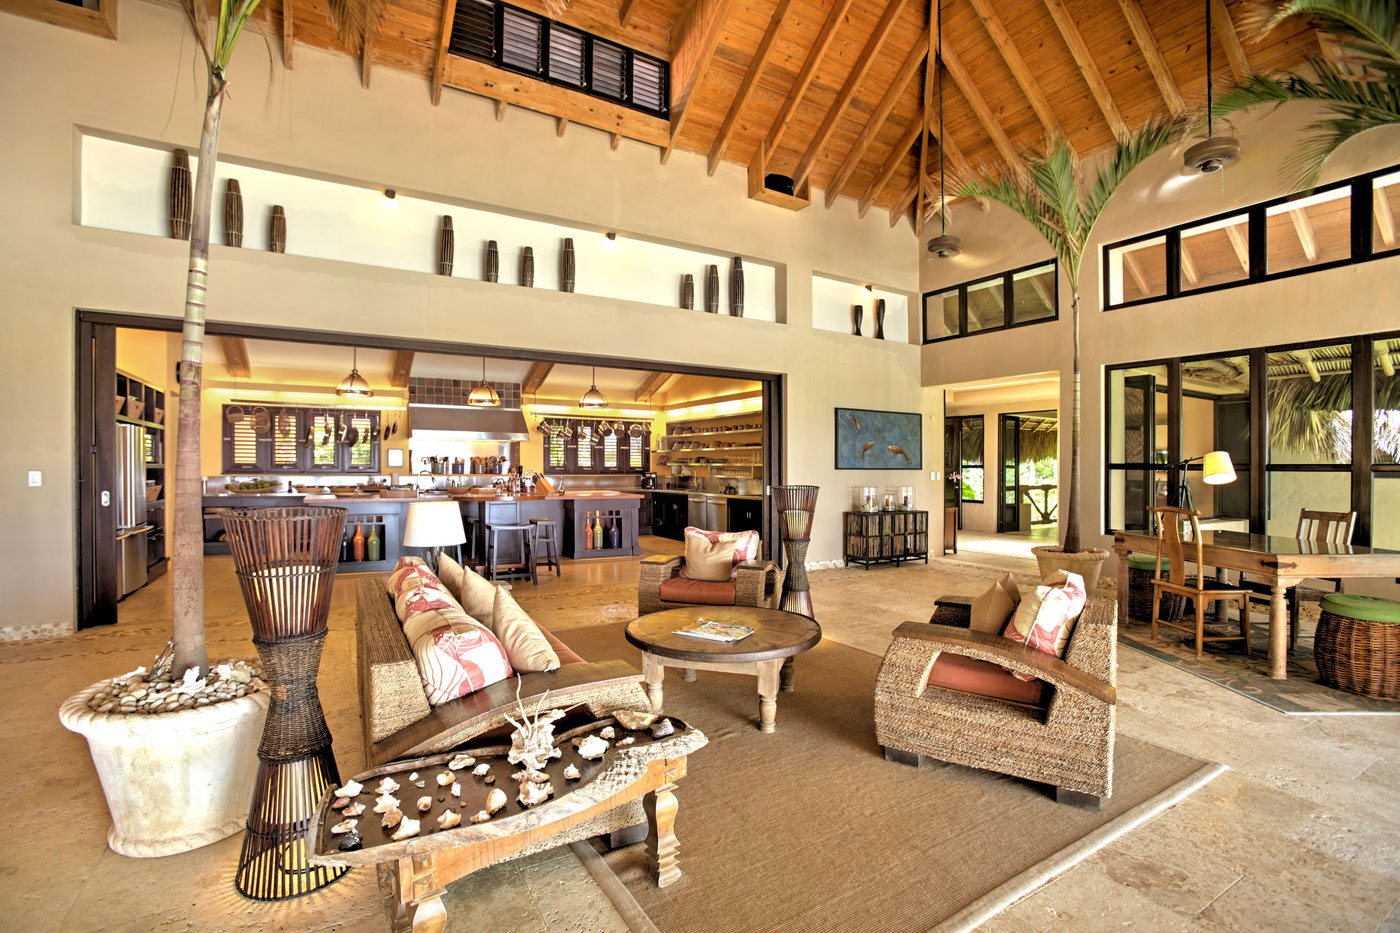 Living Space, High Wood Ceilings